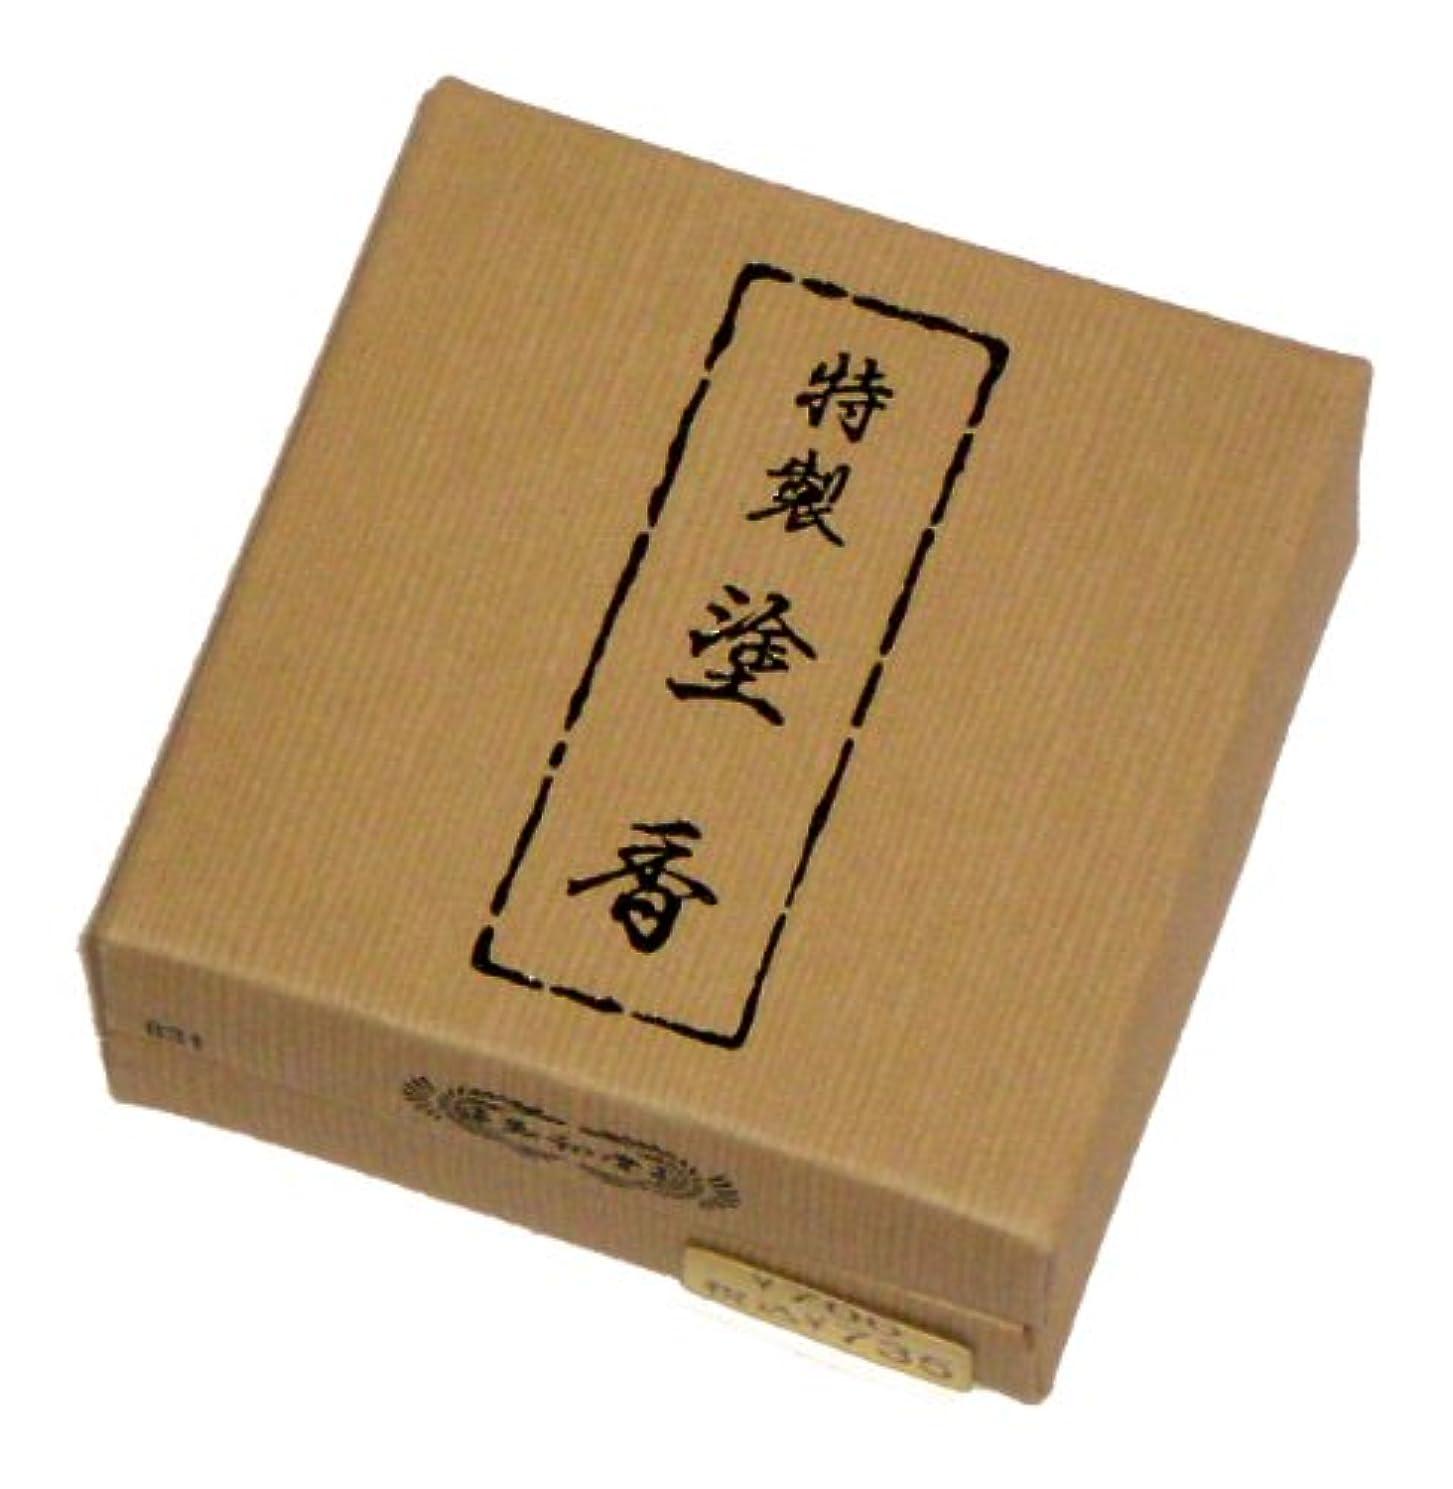 エネルギー残基説明的玉初堂のお香 特製塗香 15g 紙箱 #831